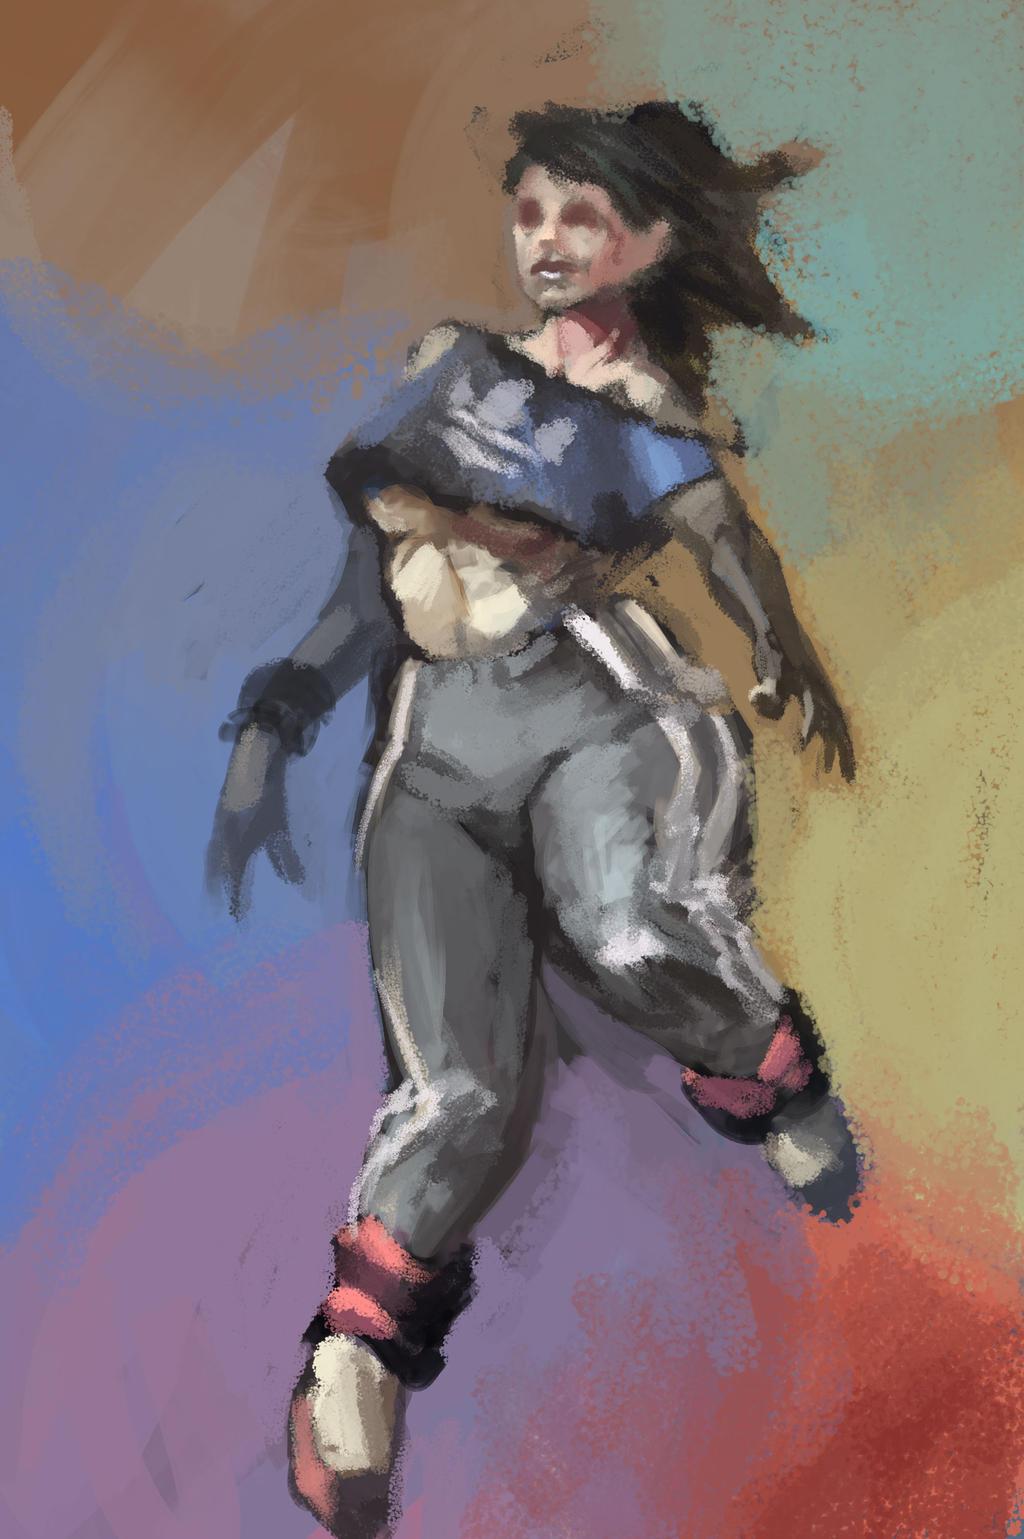 SPINNIN076: Sweat Stripes by Hamsta180